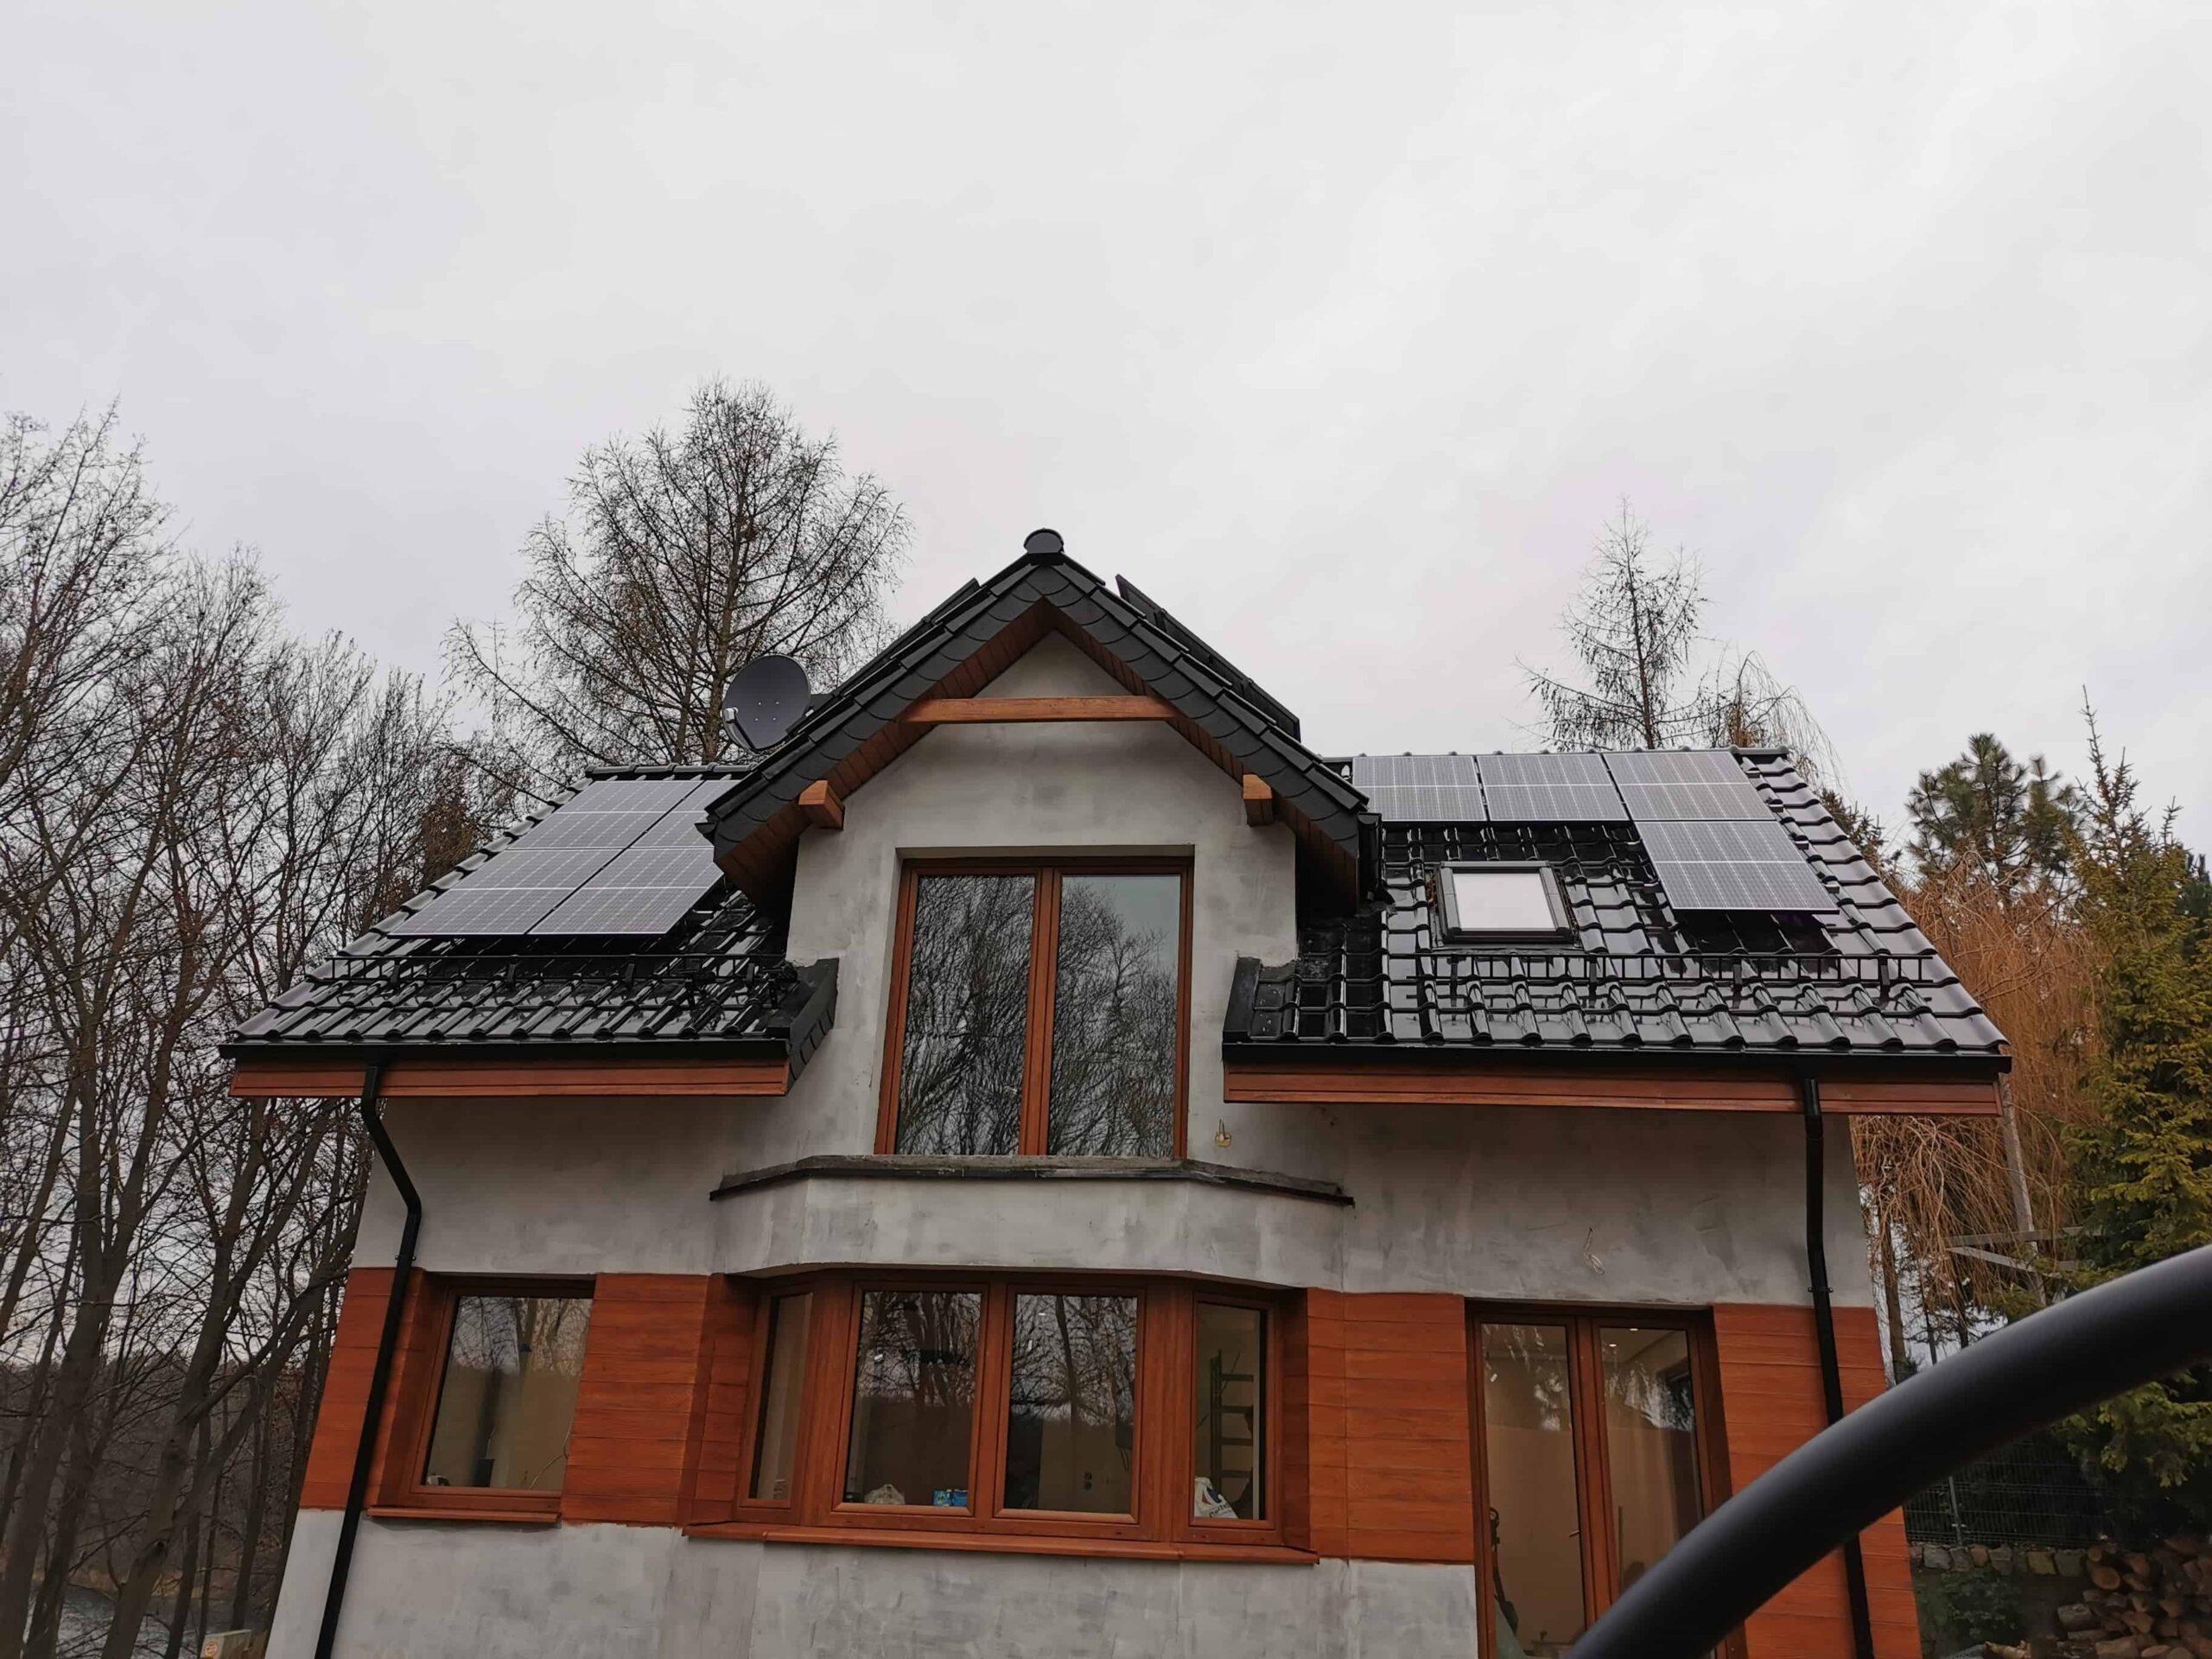 Pompa ciepła zimą Kwidzyn. Fotowoltaika i pompy ciepła Haier, Stiebel Eltron